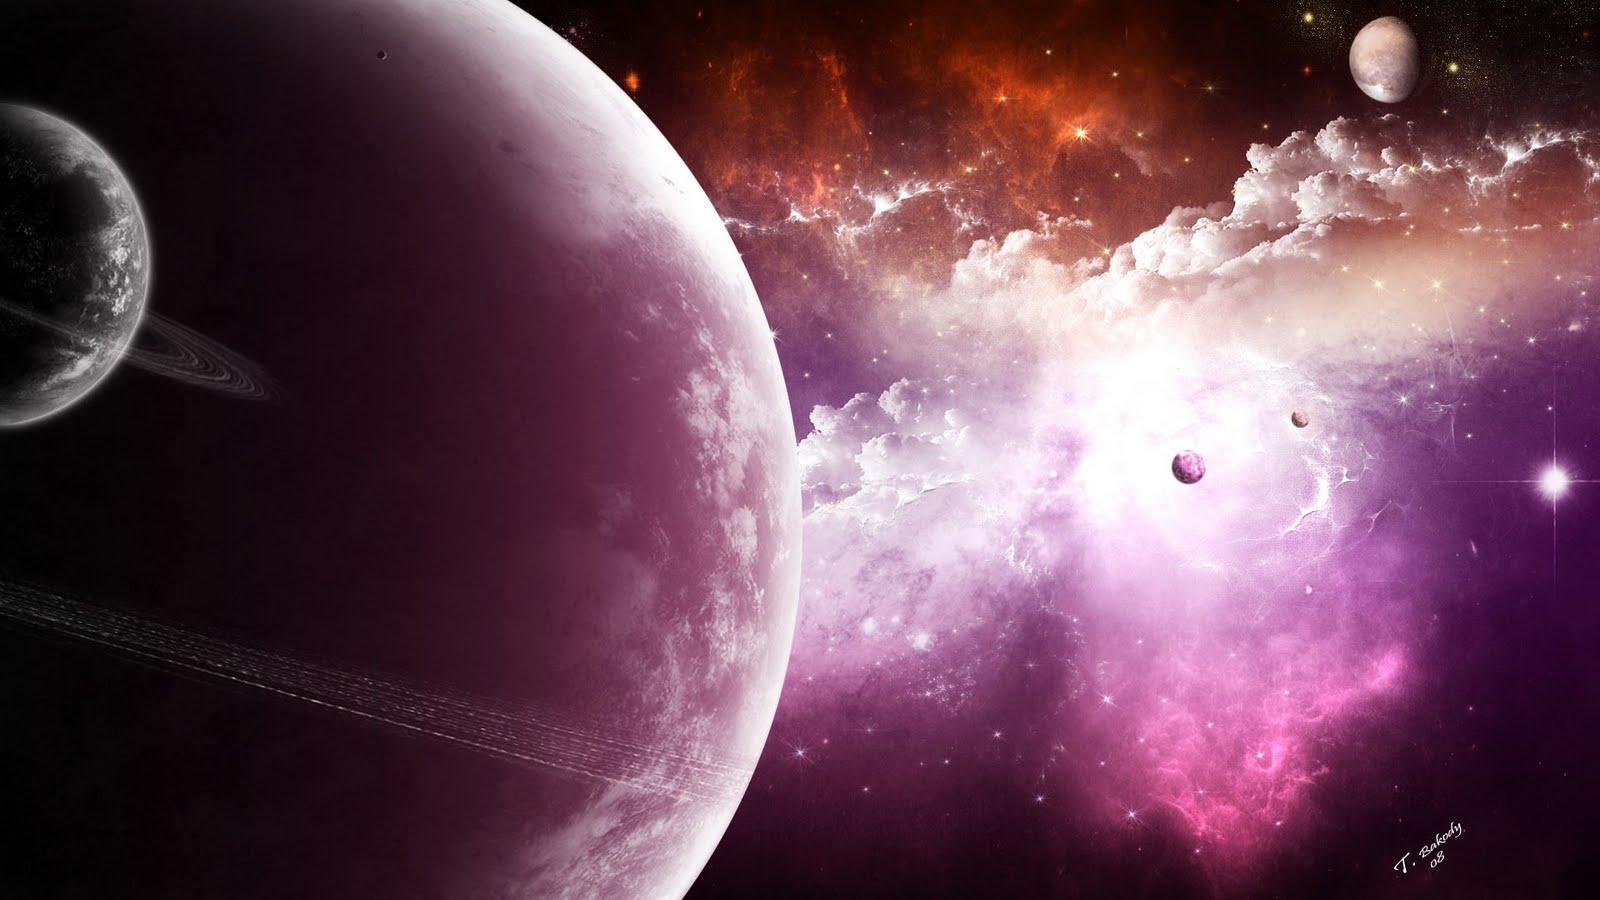 pink nebula galaxy space wallpaper - photo #36